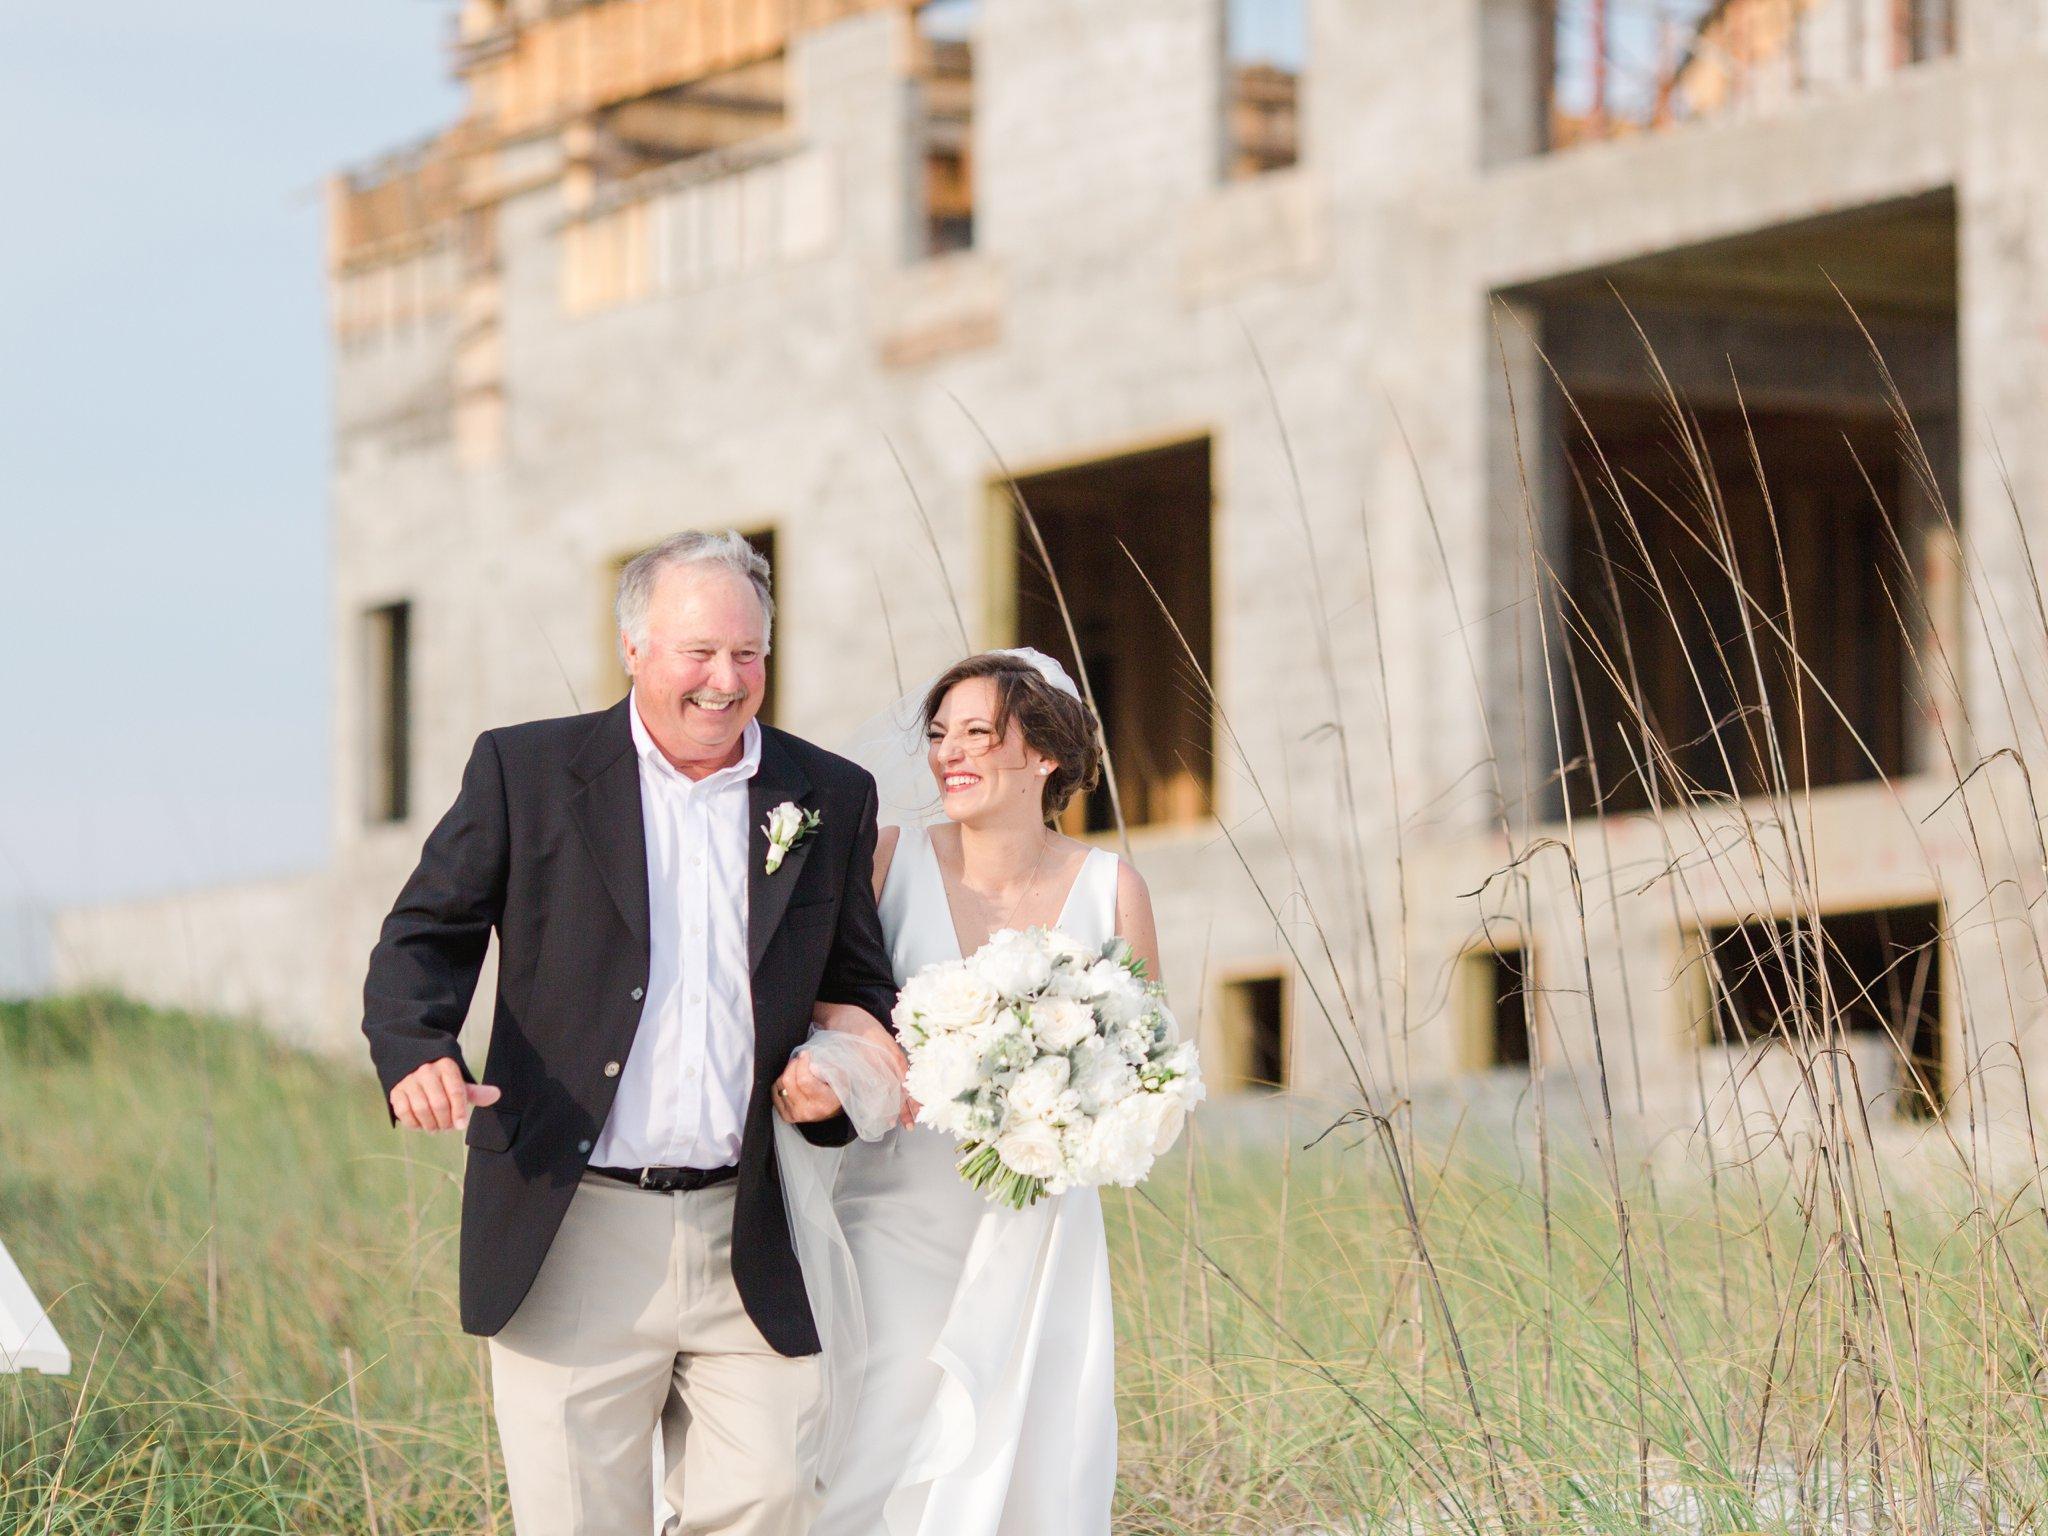 carillon beach wedding photographer shannon griffin photographer_0006.jpg